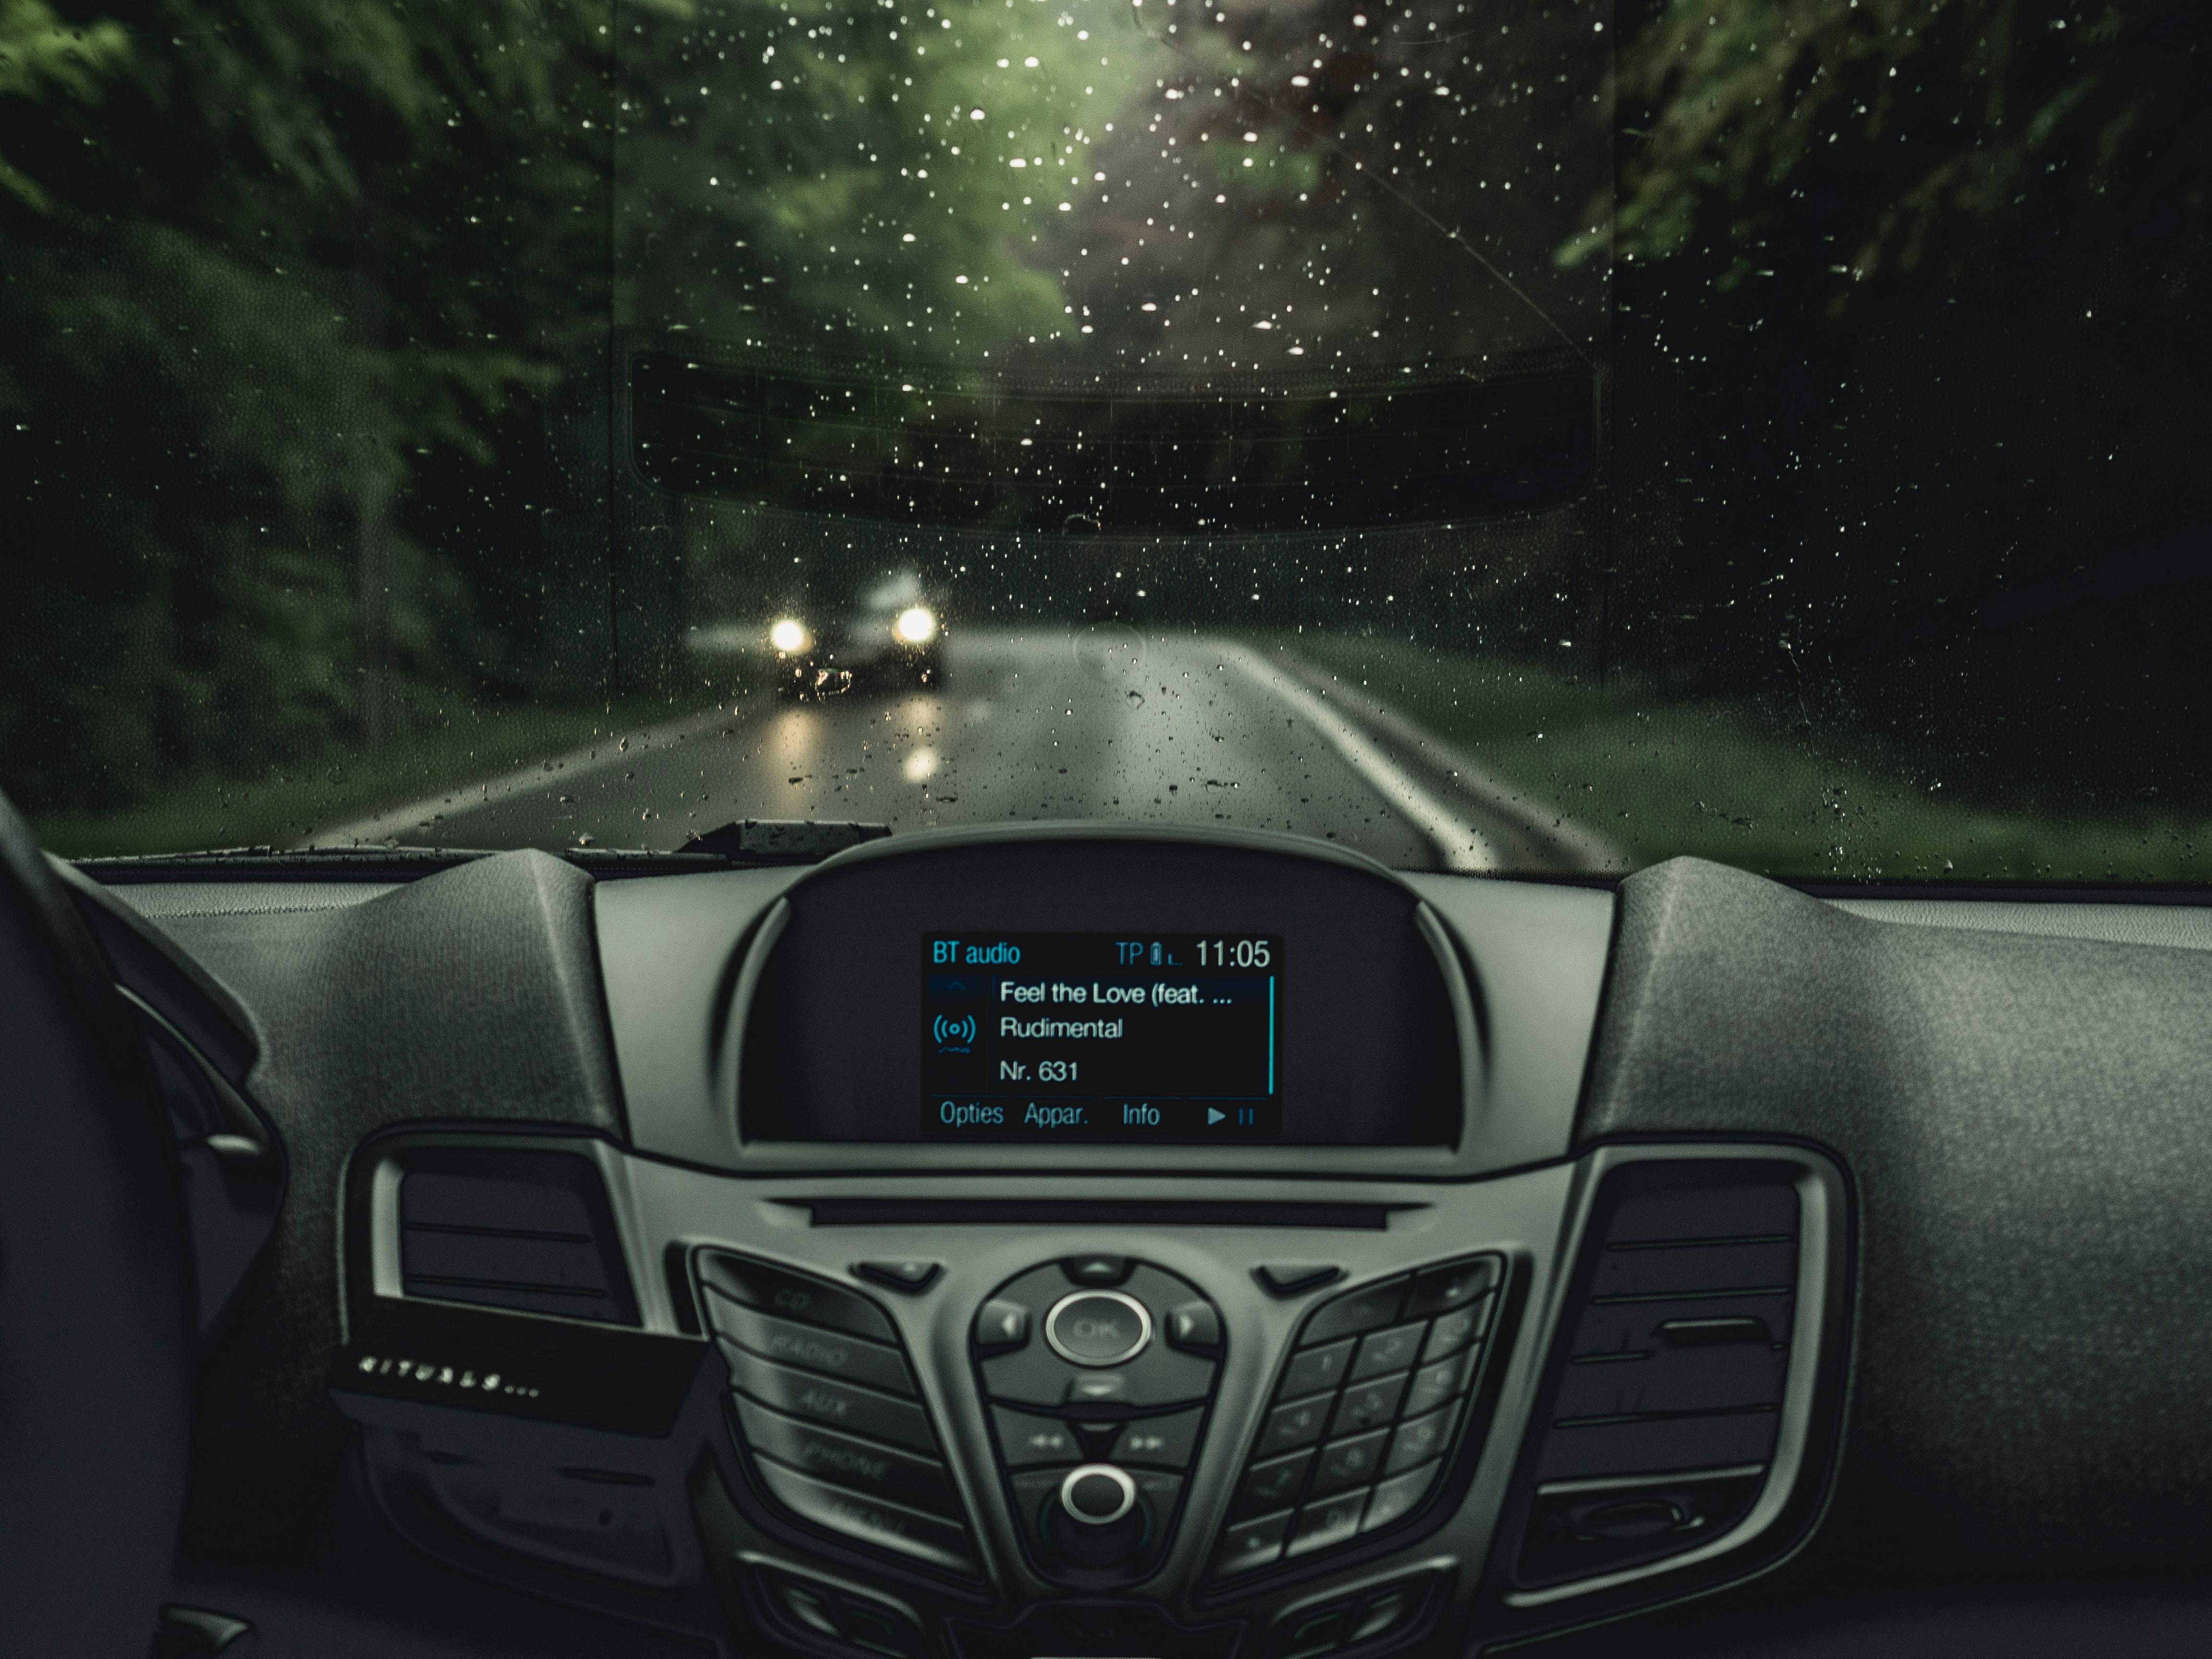 Un sistema di car entertainment che trasmette un podcast